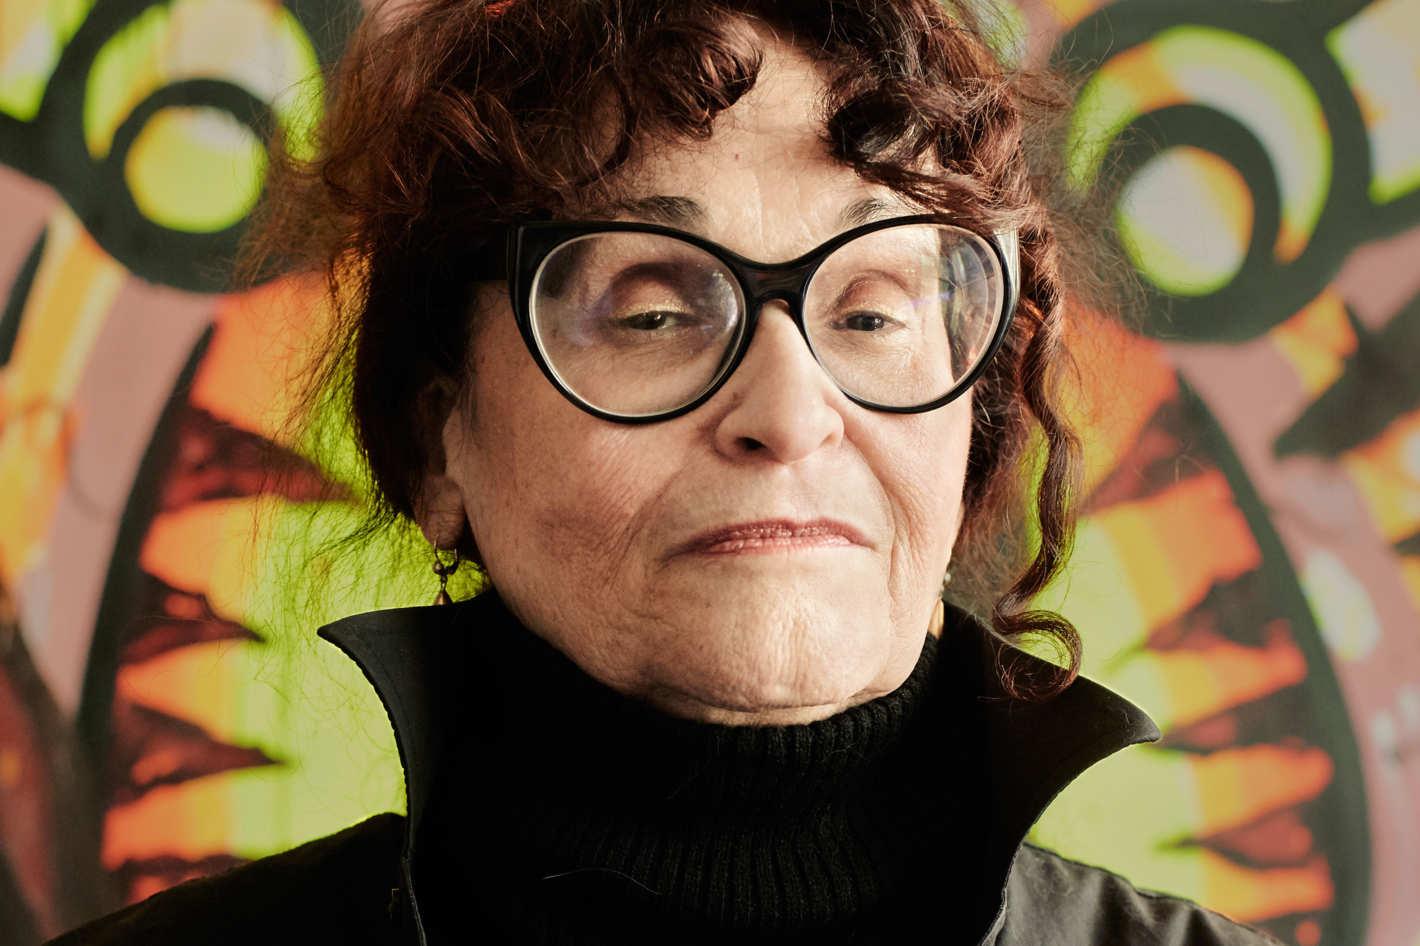 Paula Barbieri Nude Photos